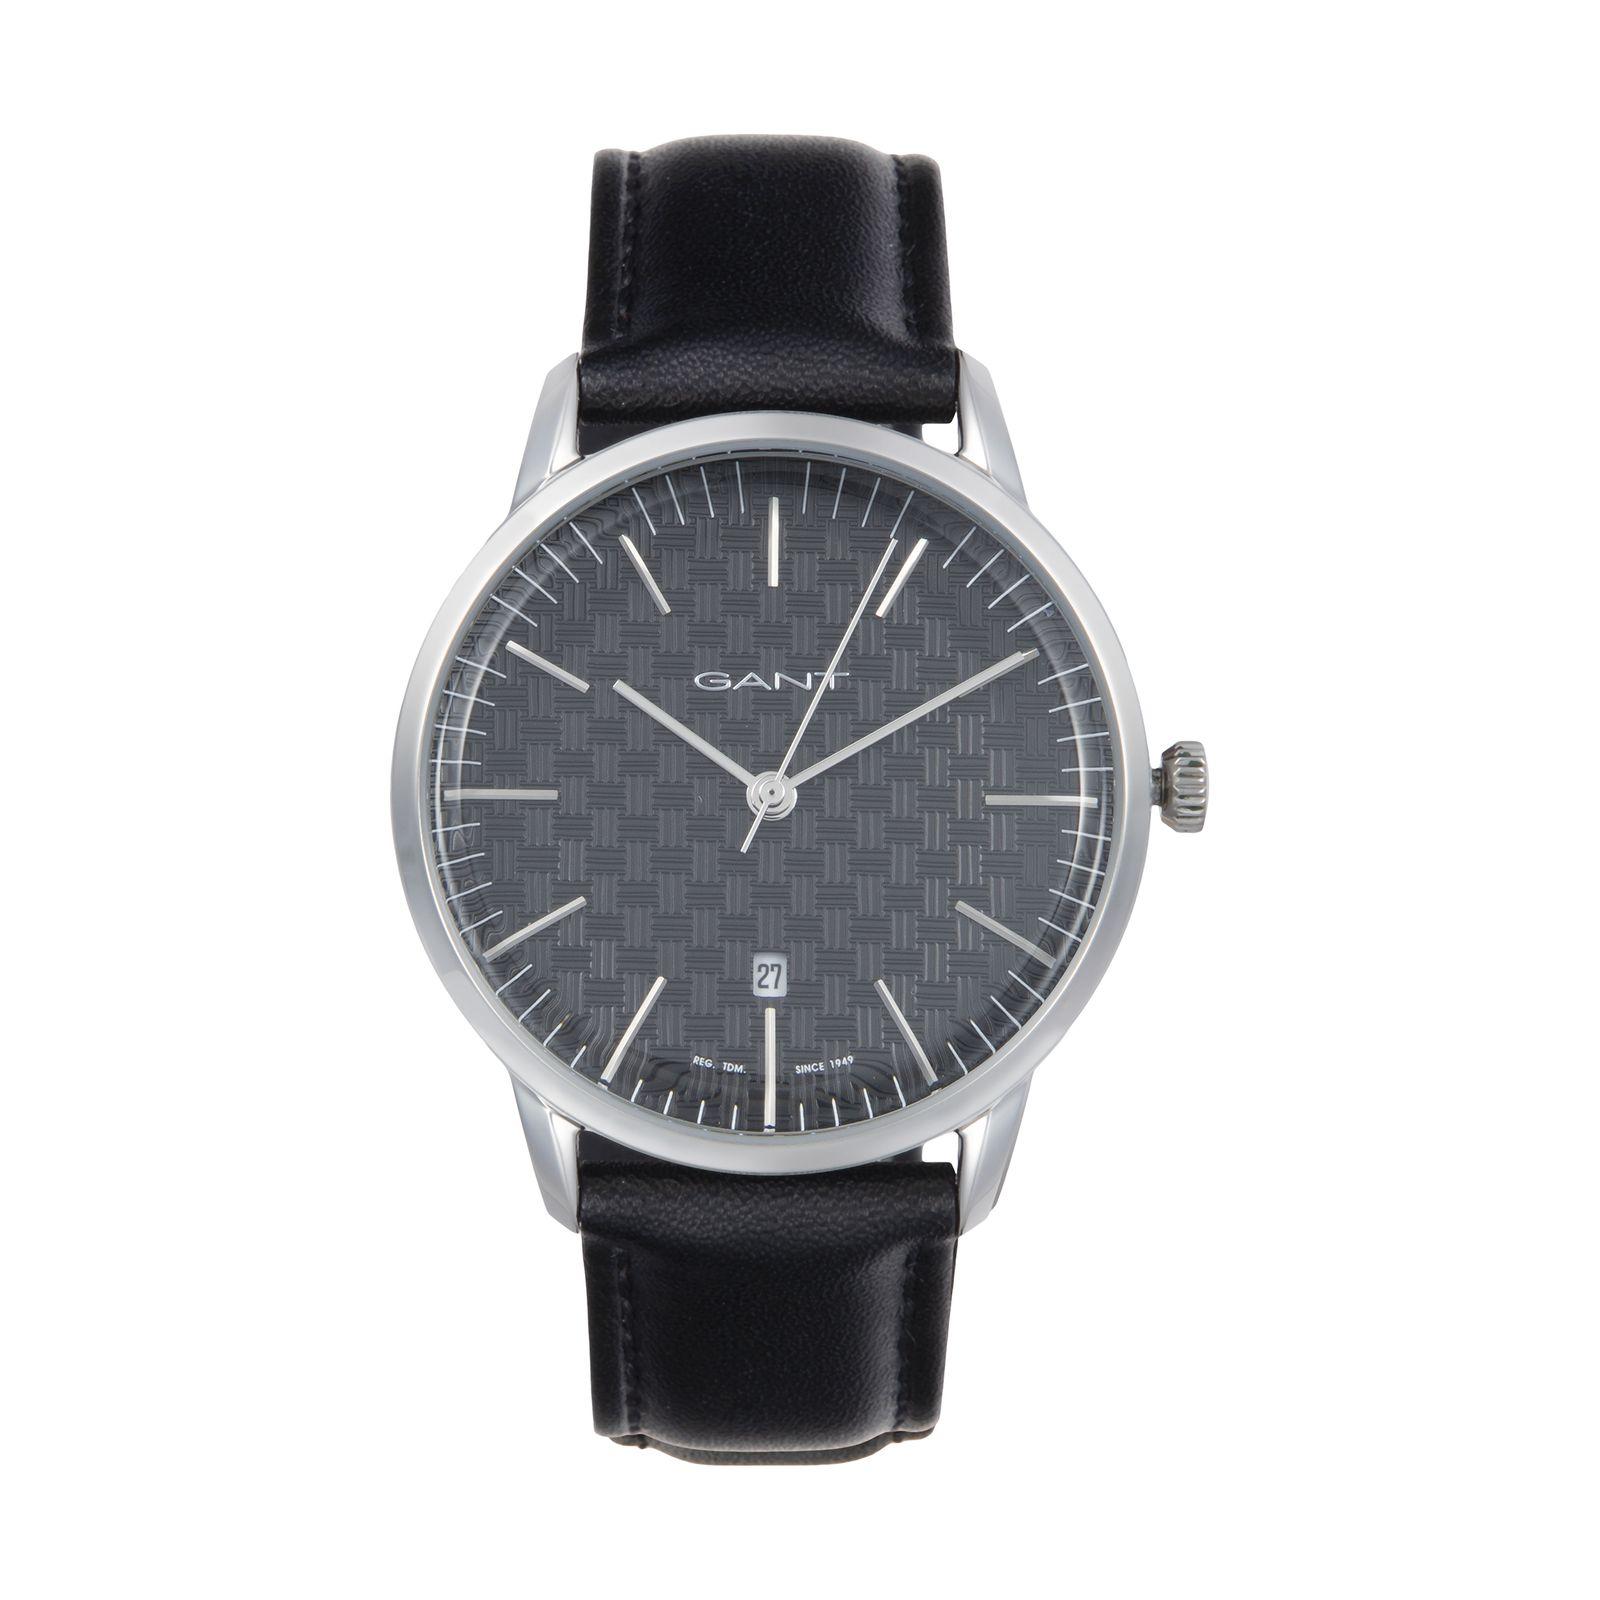 ساعت مچی عقربه ای مردانه گنت مدل GWW077001 -  - 2